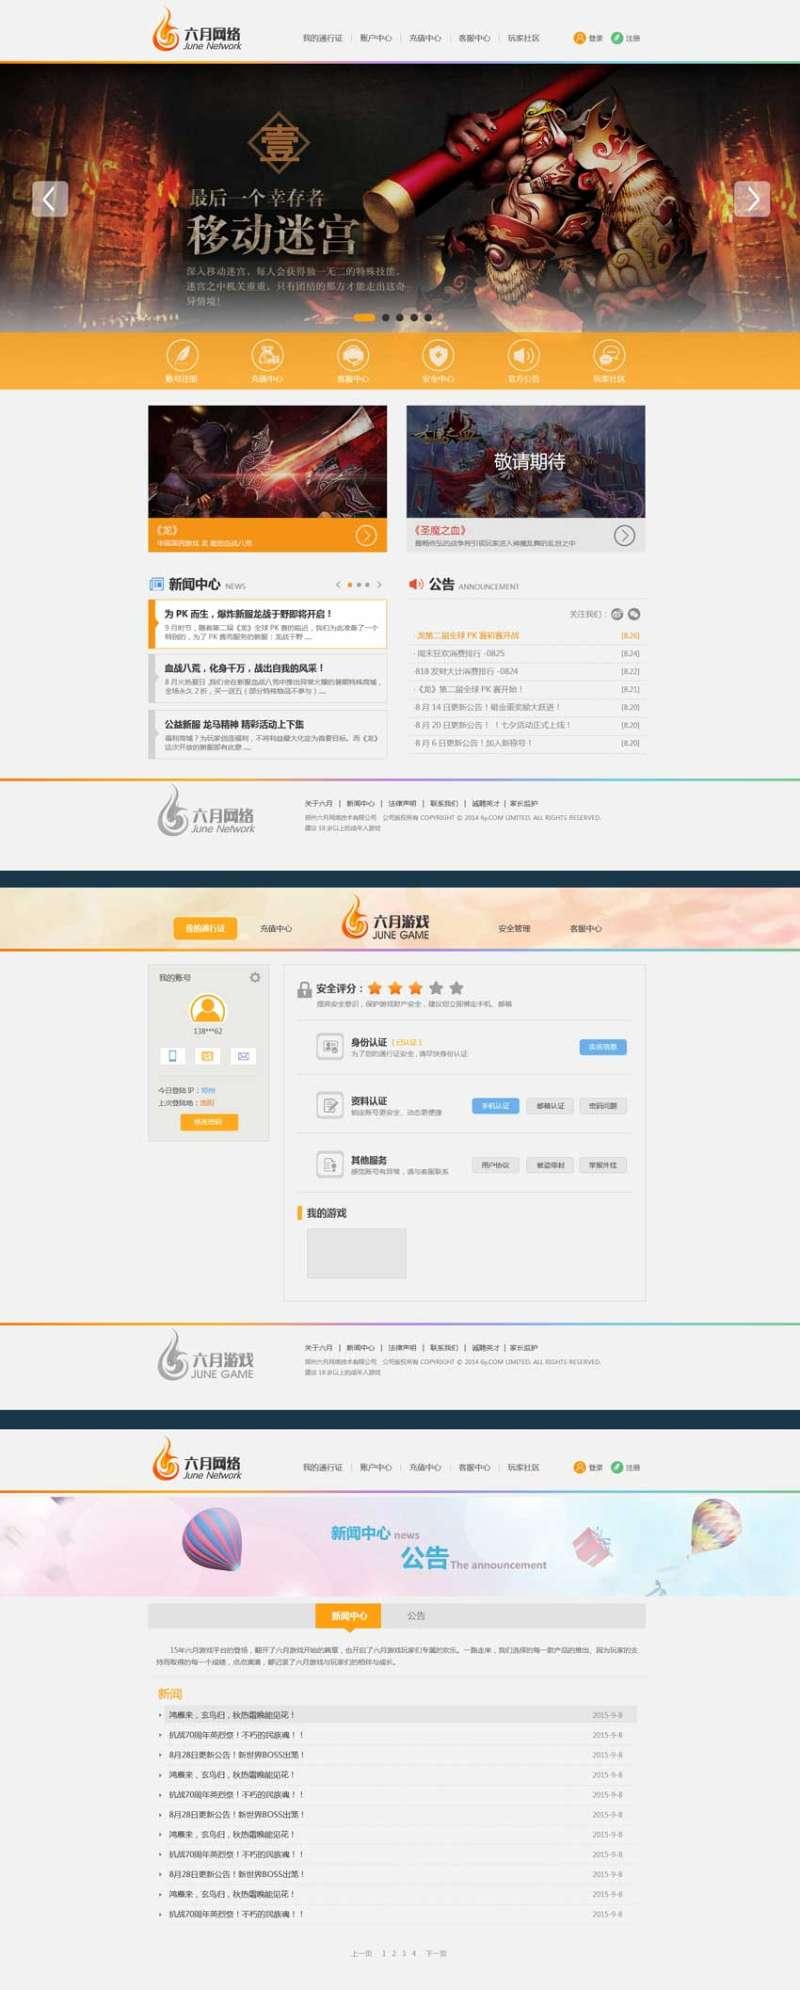 六月网络游戏平台网站模板psd素材